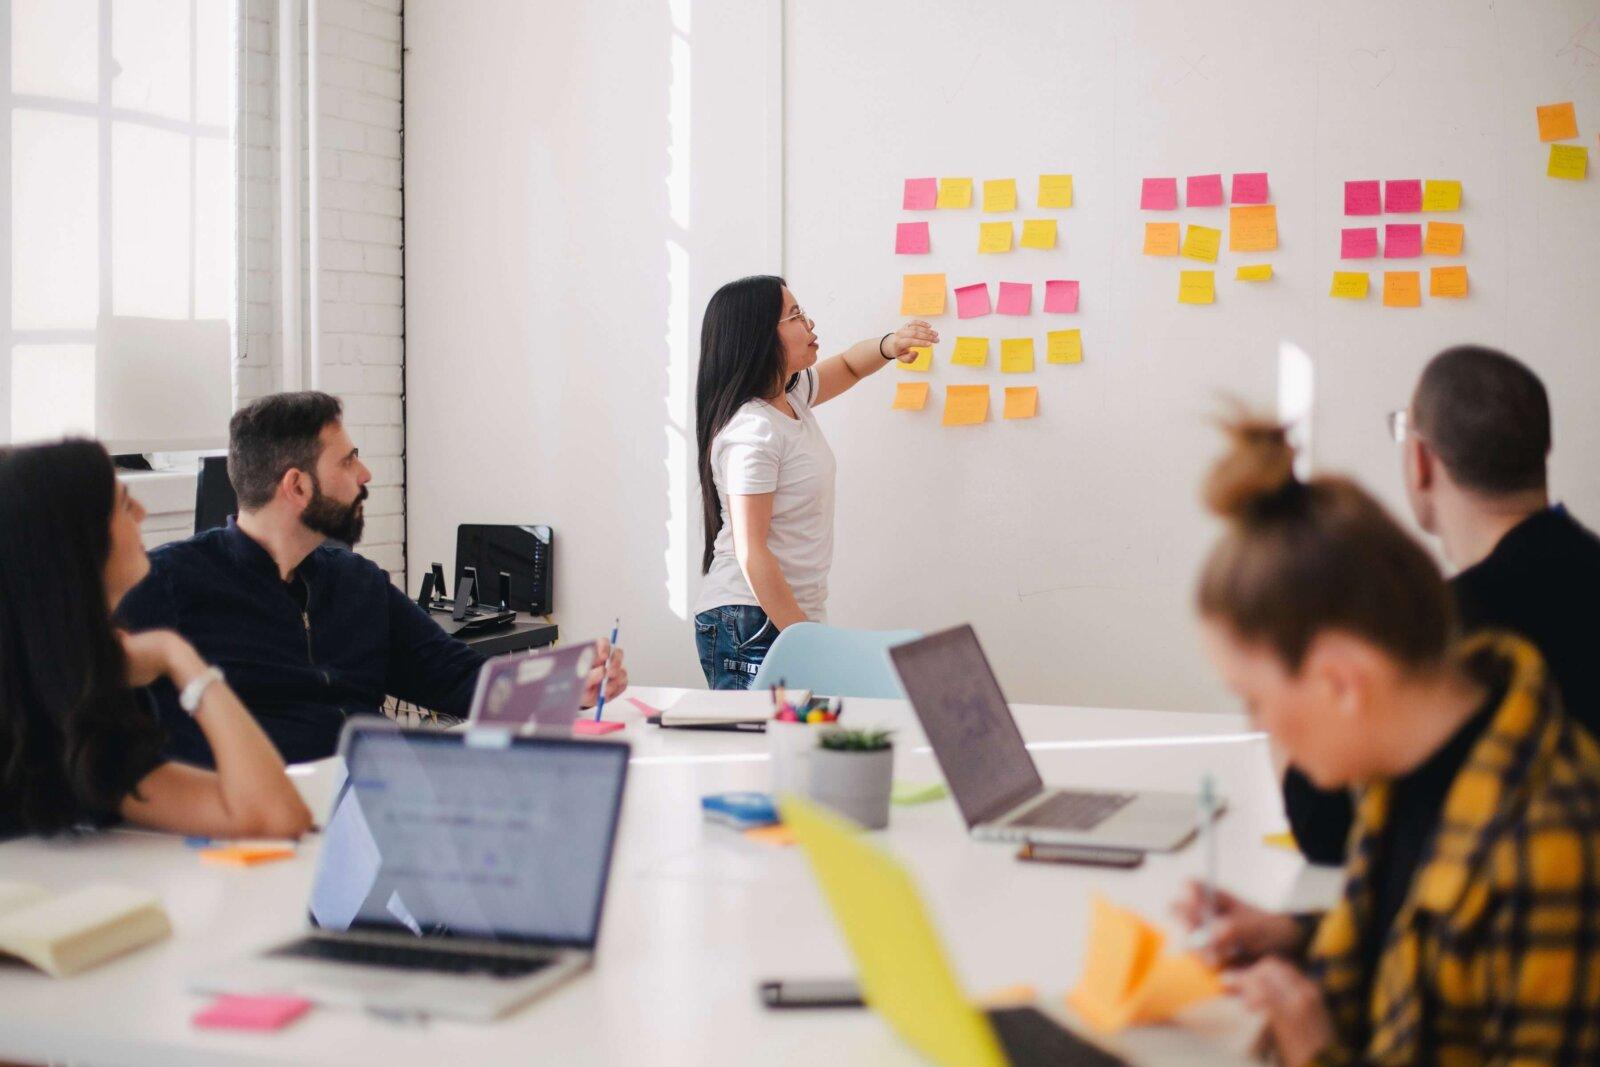 бизнес идеи с нуля